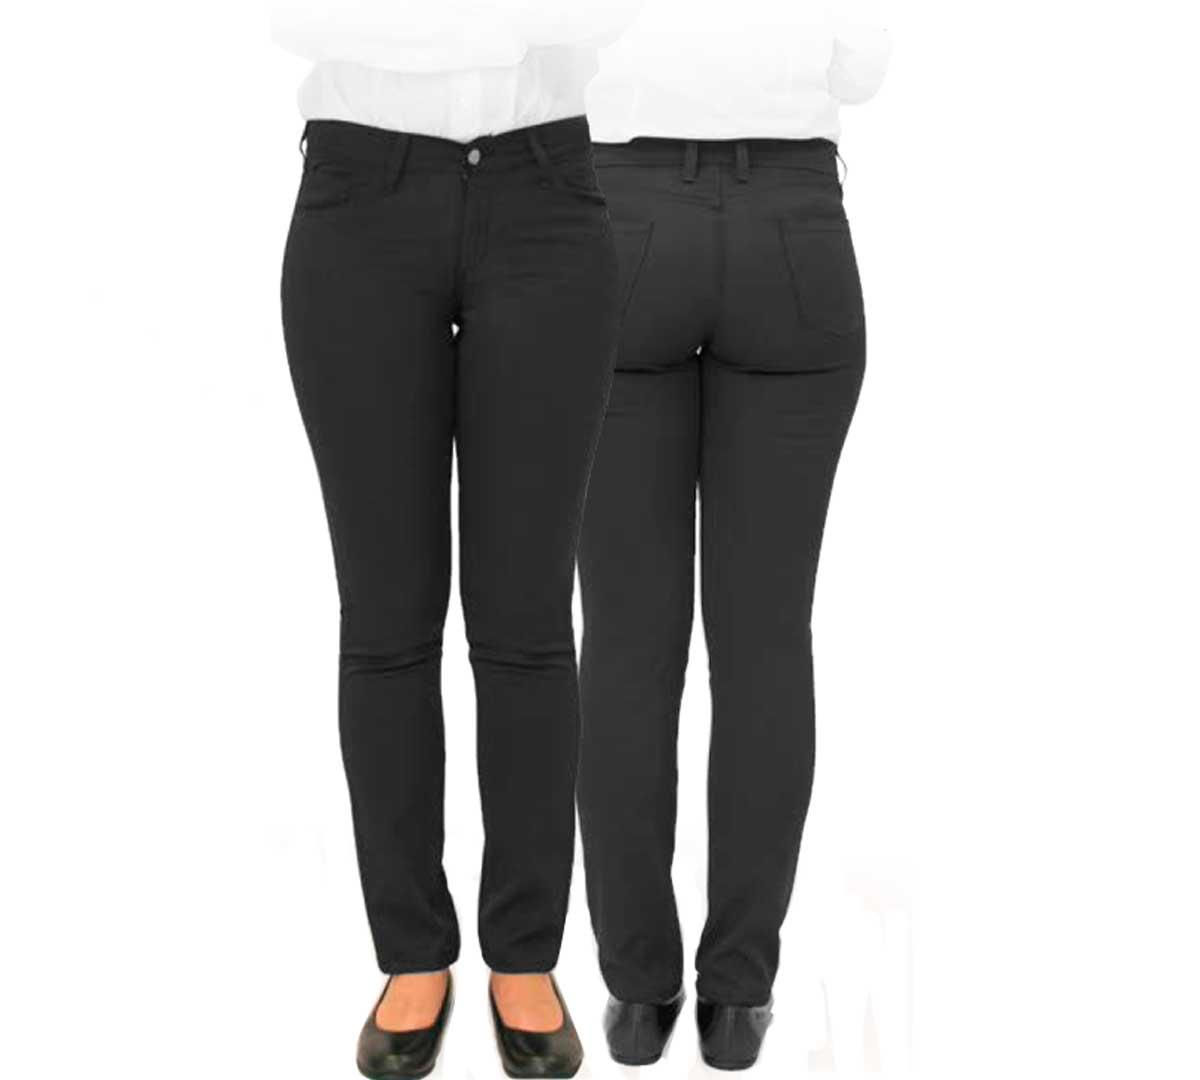 129864c36e Pantalón 5 Bolsillos de Mujer Dacobel S-32 6173